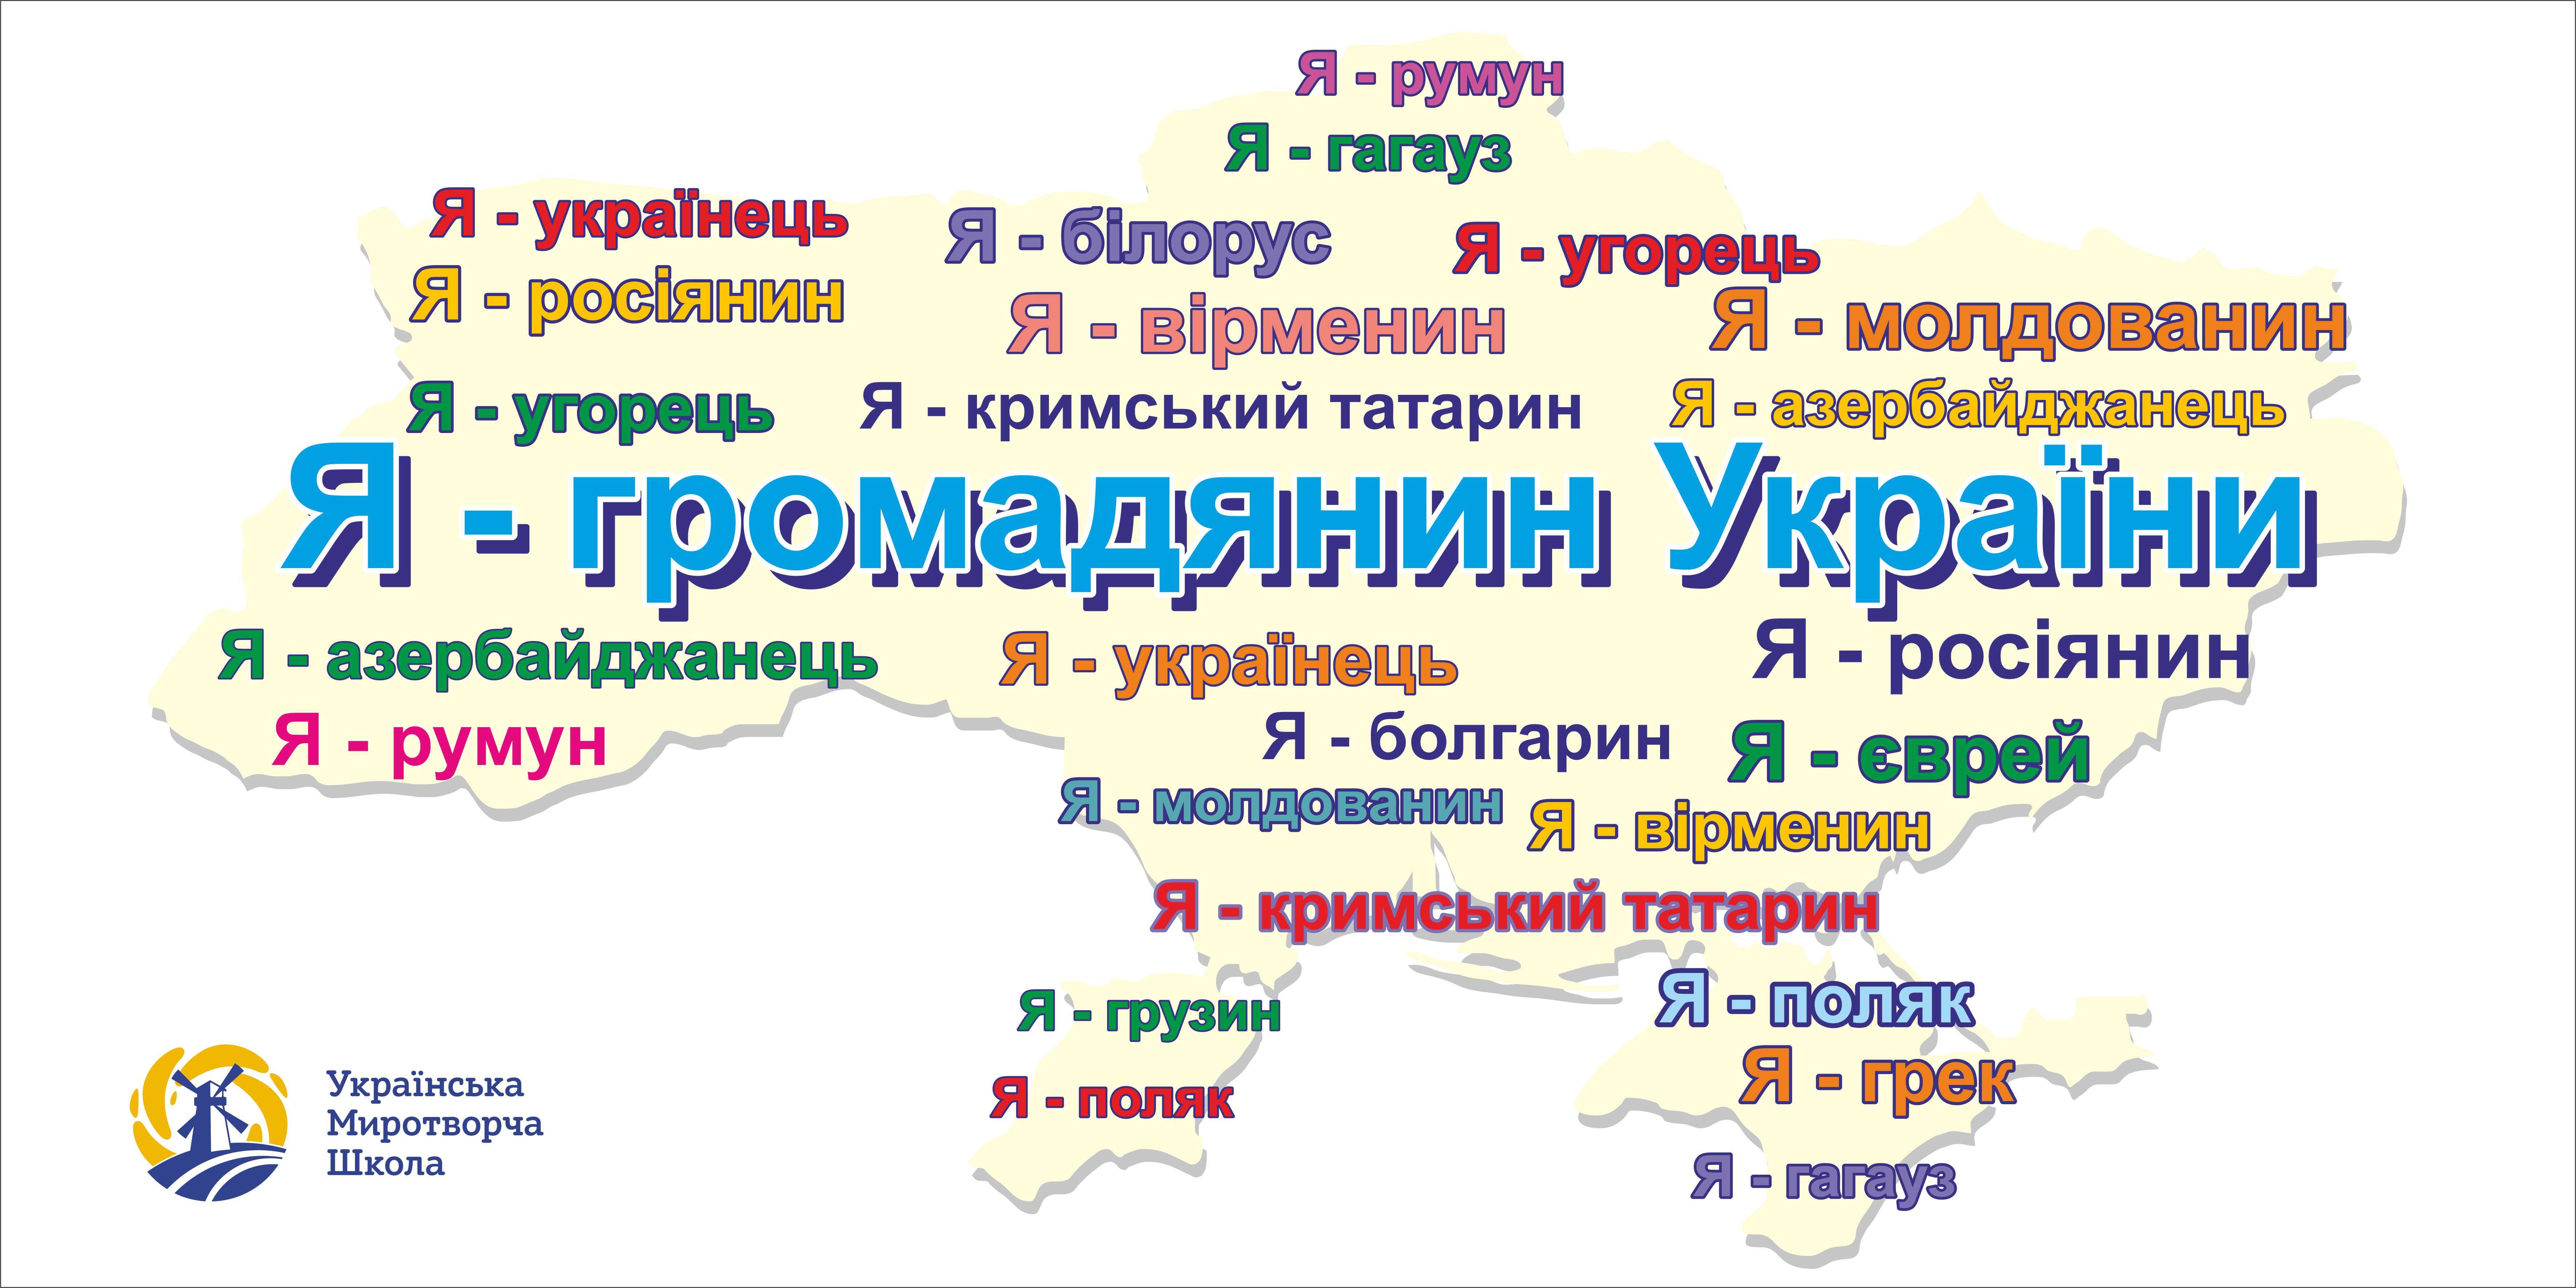 300x600_Bord_I_am_Ukranian2